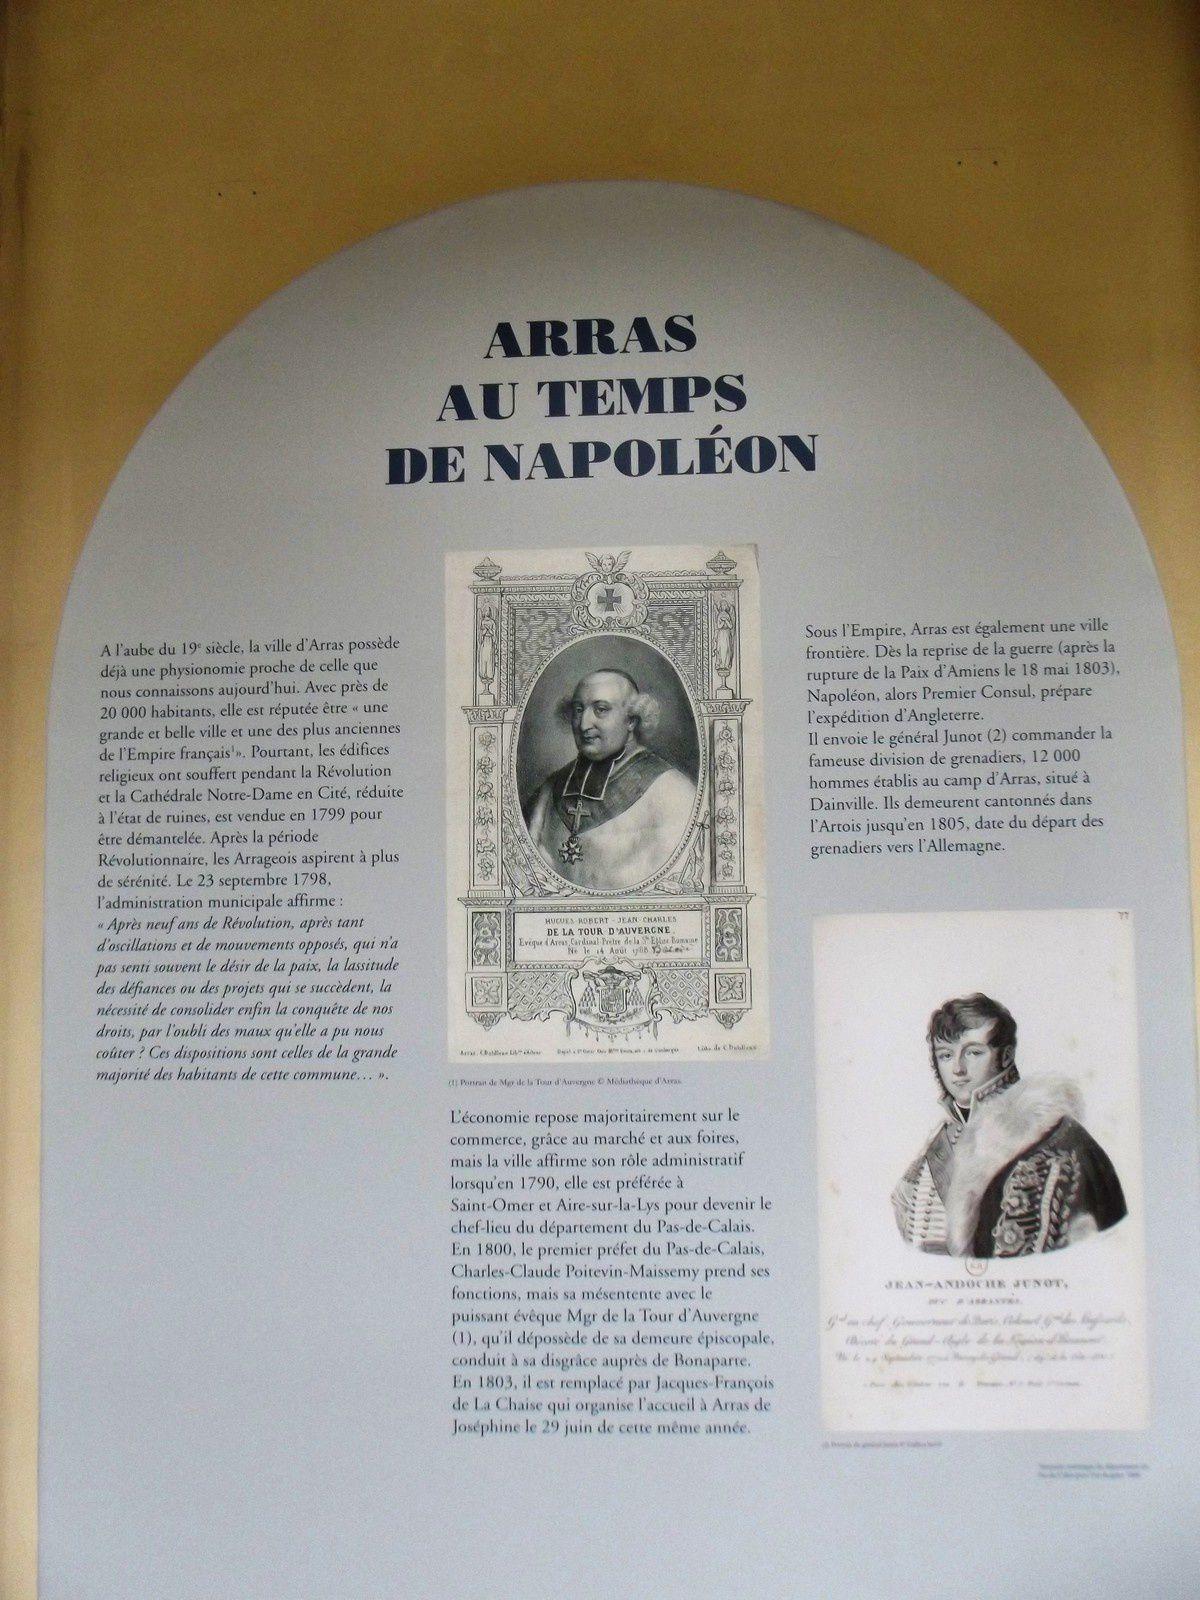 Photos 5 et 6 : Les parents de Napoléon Charles et Letizia Bonaparte